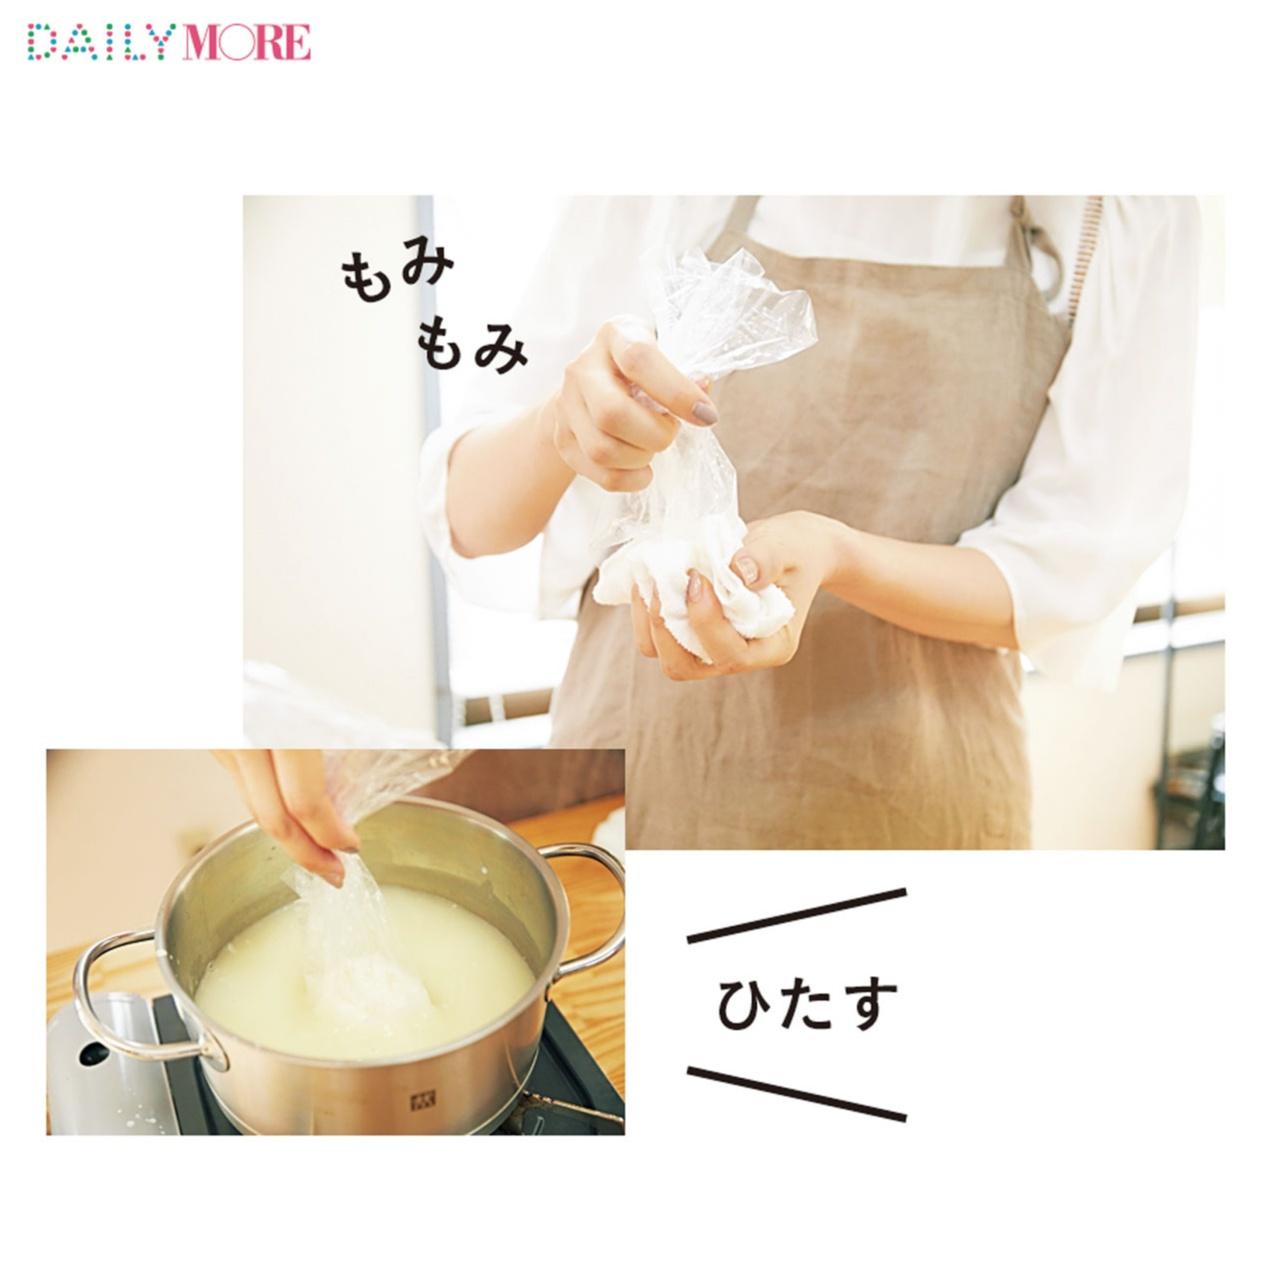 篠田麻里子が体験♡ 話題の「簡単モッツァレラチーズ作り体験」に行こう!【麻里子のナライゴトハジメ】_2_3